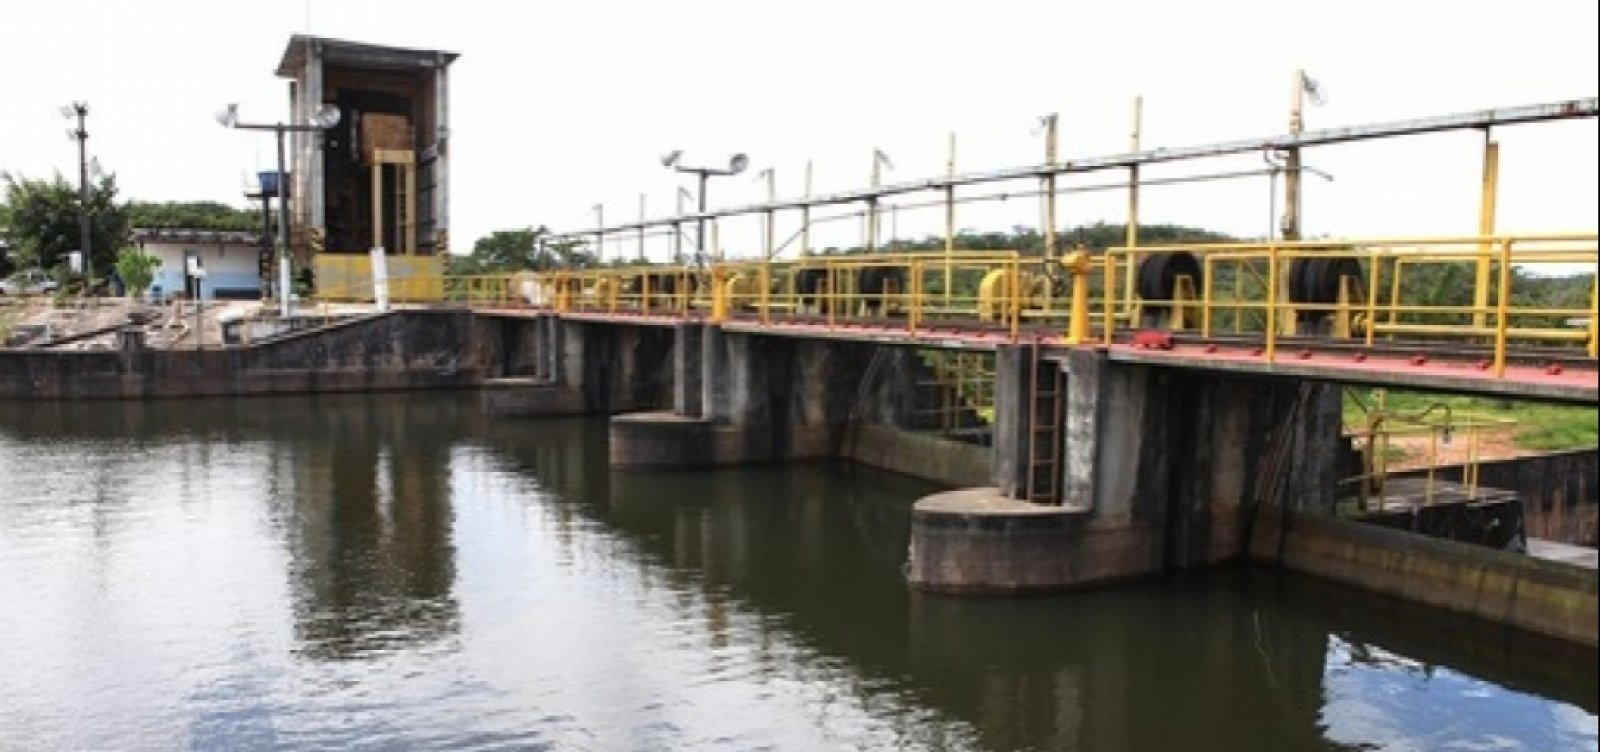 271 cidades da Bahia têm água contaminada por agrotóxicos